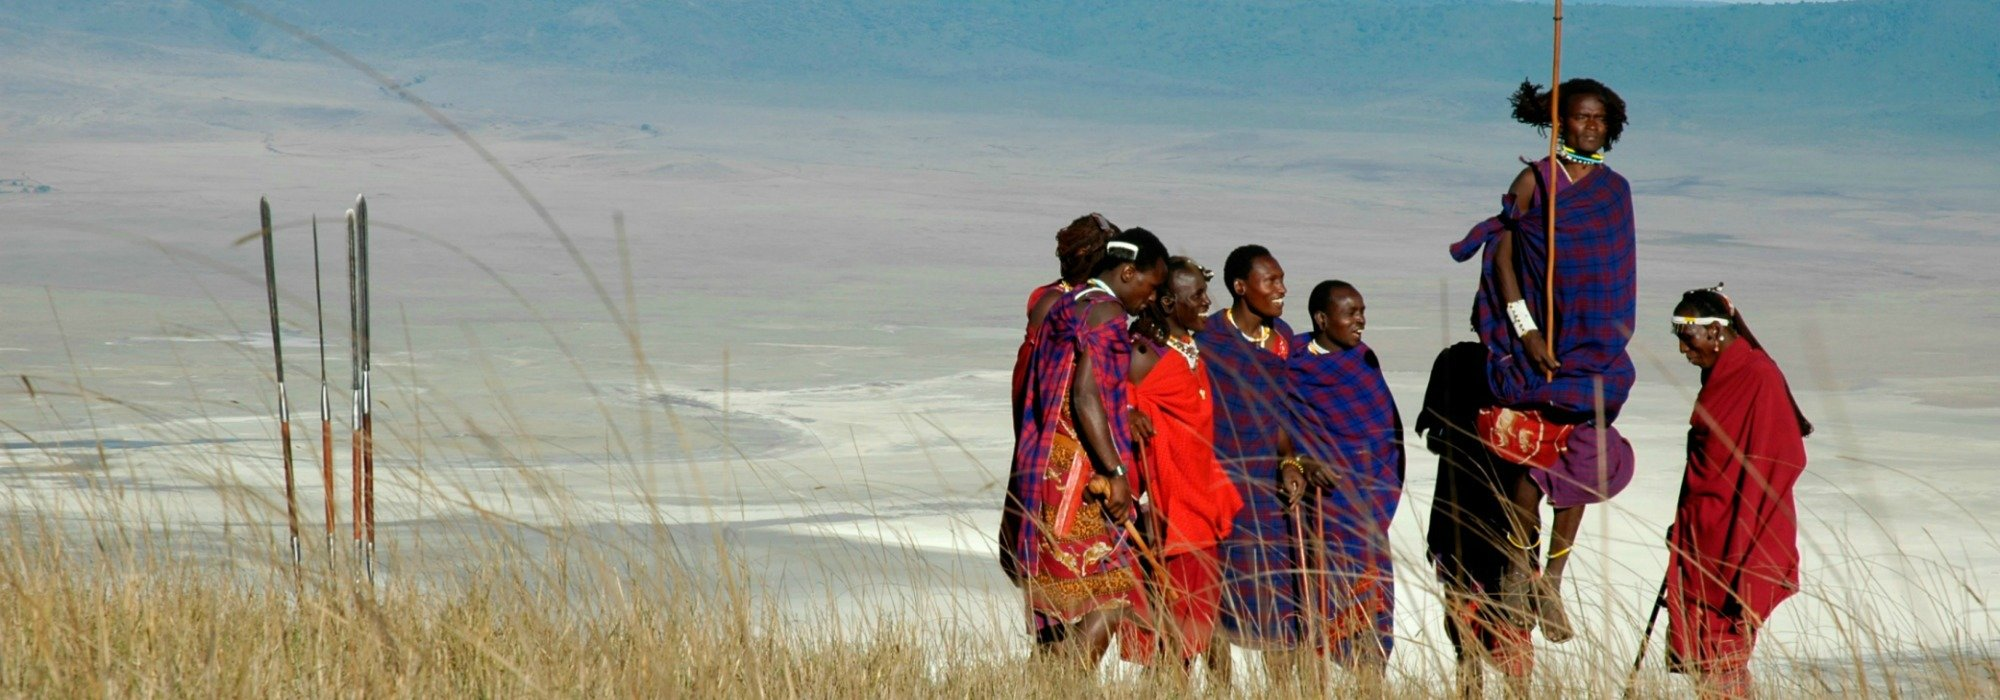 Maasai at Ngorongoro Crater